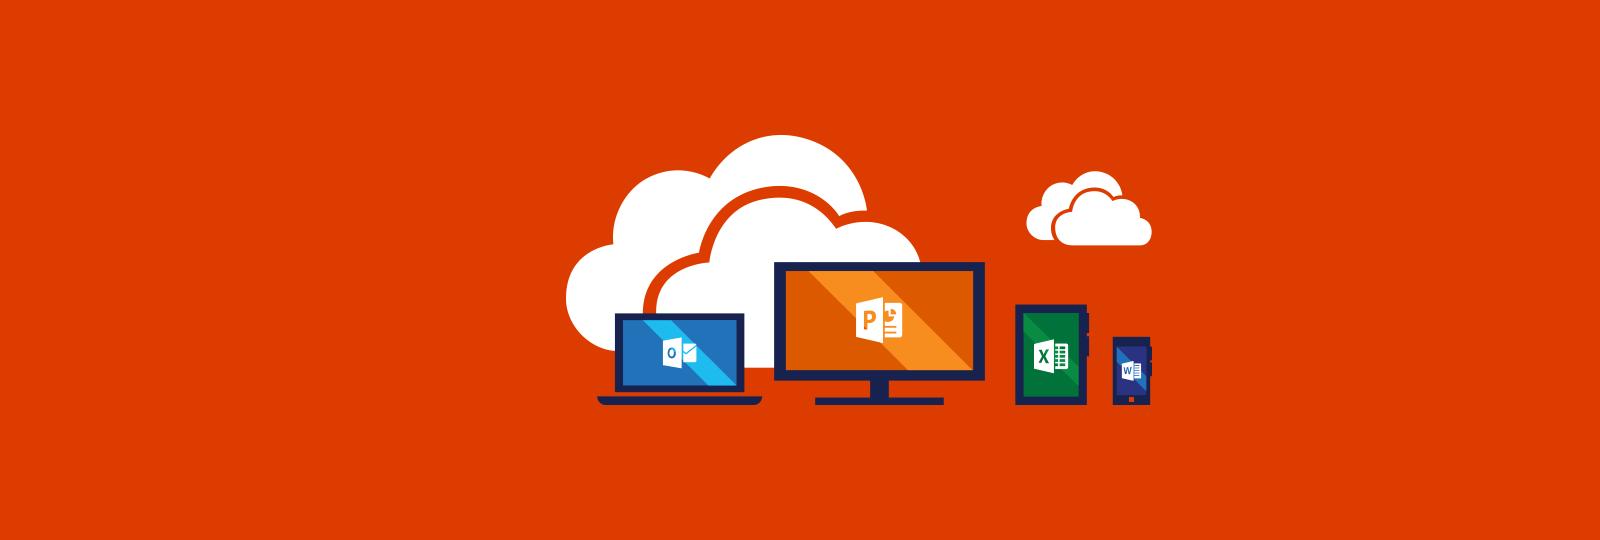 Купите Office 365 и получите 1 ТБ в хранилище OneDrive.